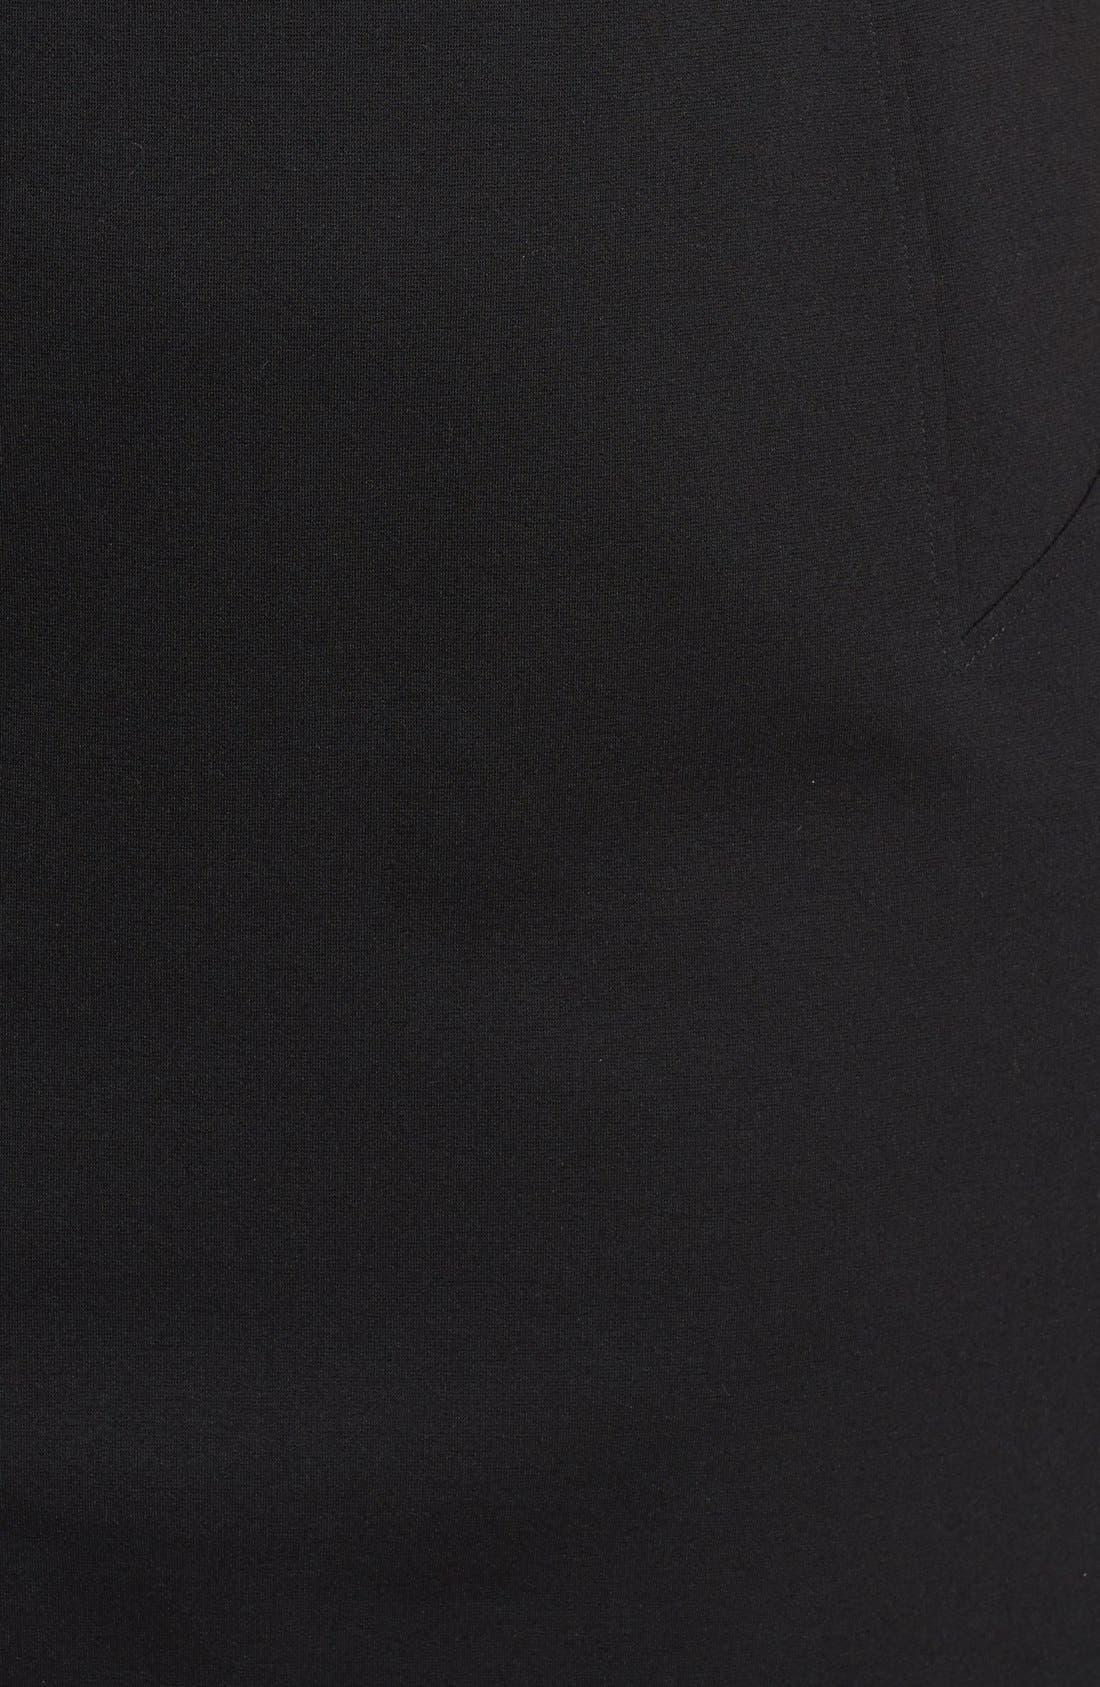 Alternate Image 3  - ABS by Allen Schwartz Illusion Stripe V-Neck Dress (Plus Size)